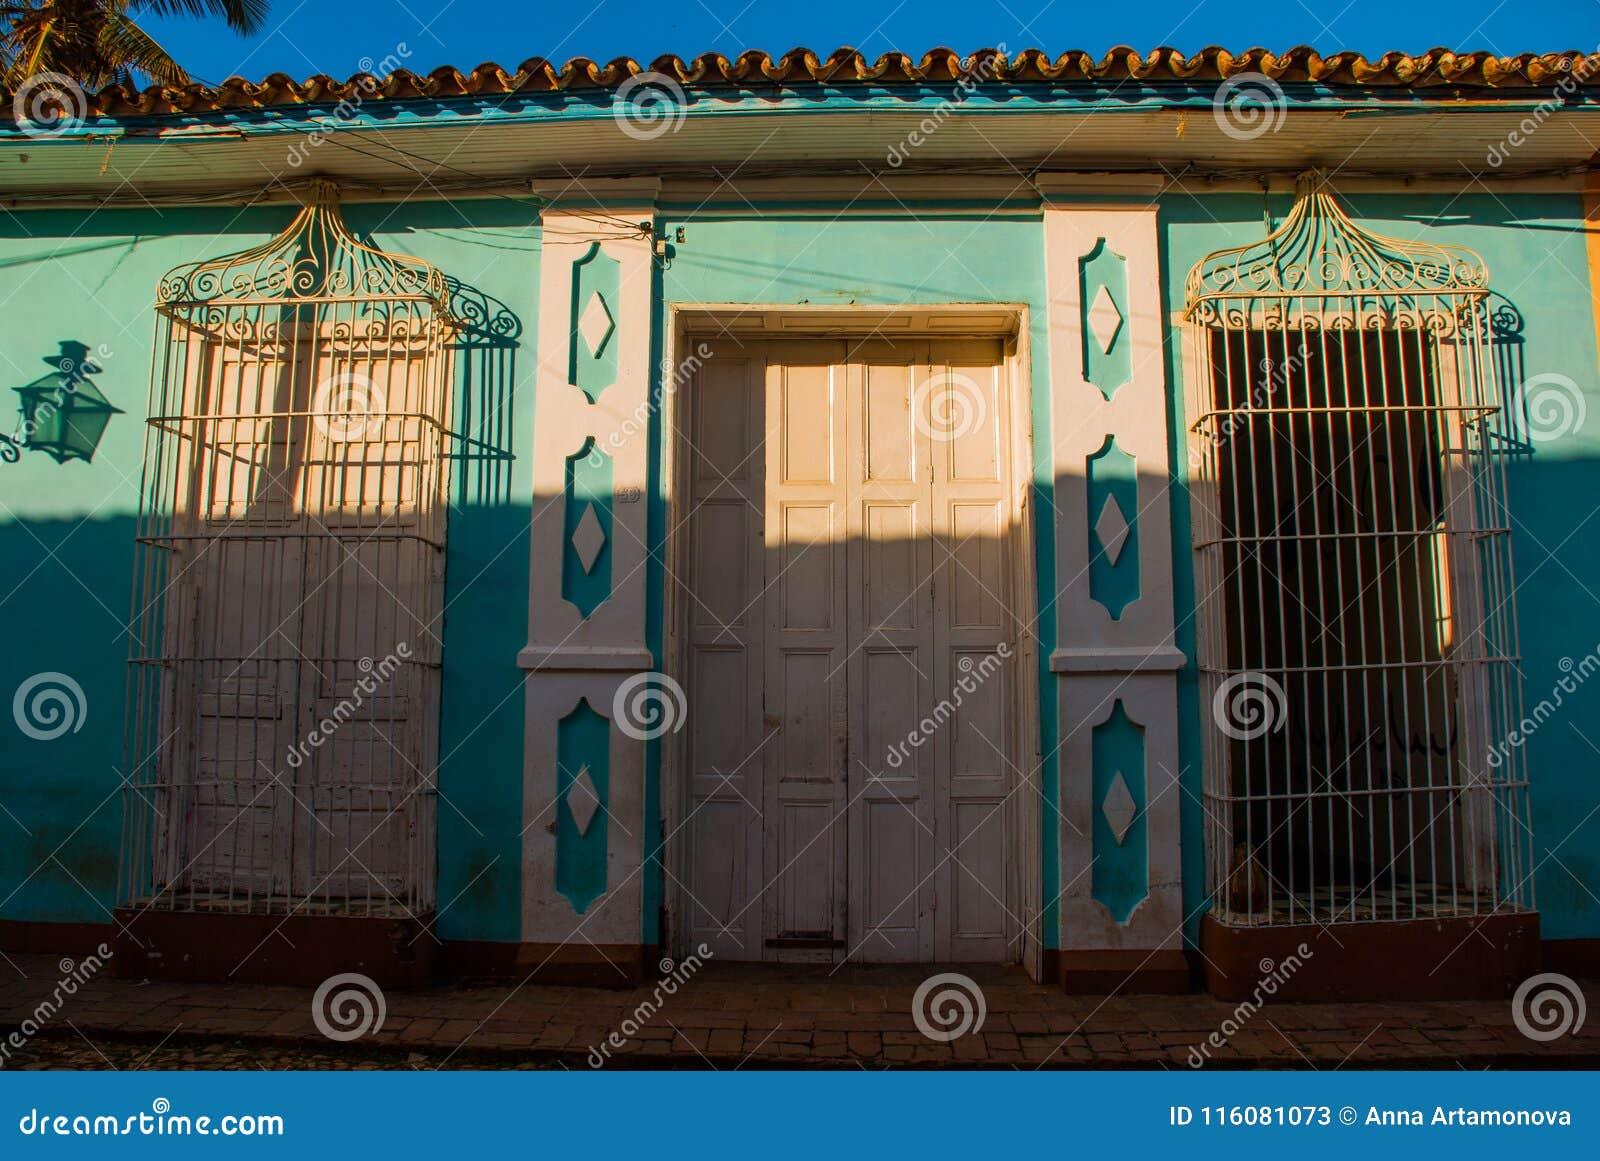 Santeria Israel, Trinidad, Cuba  The Santeria Is The